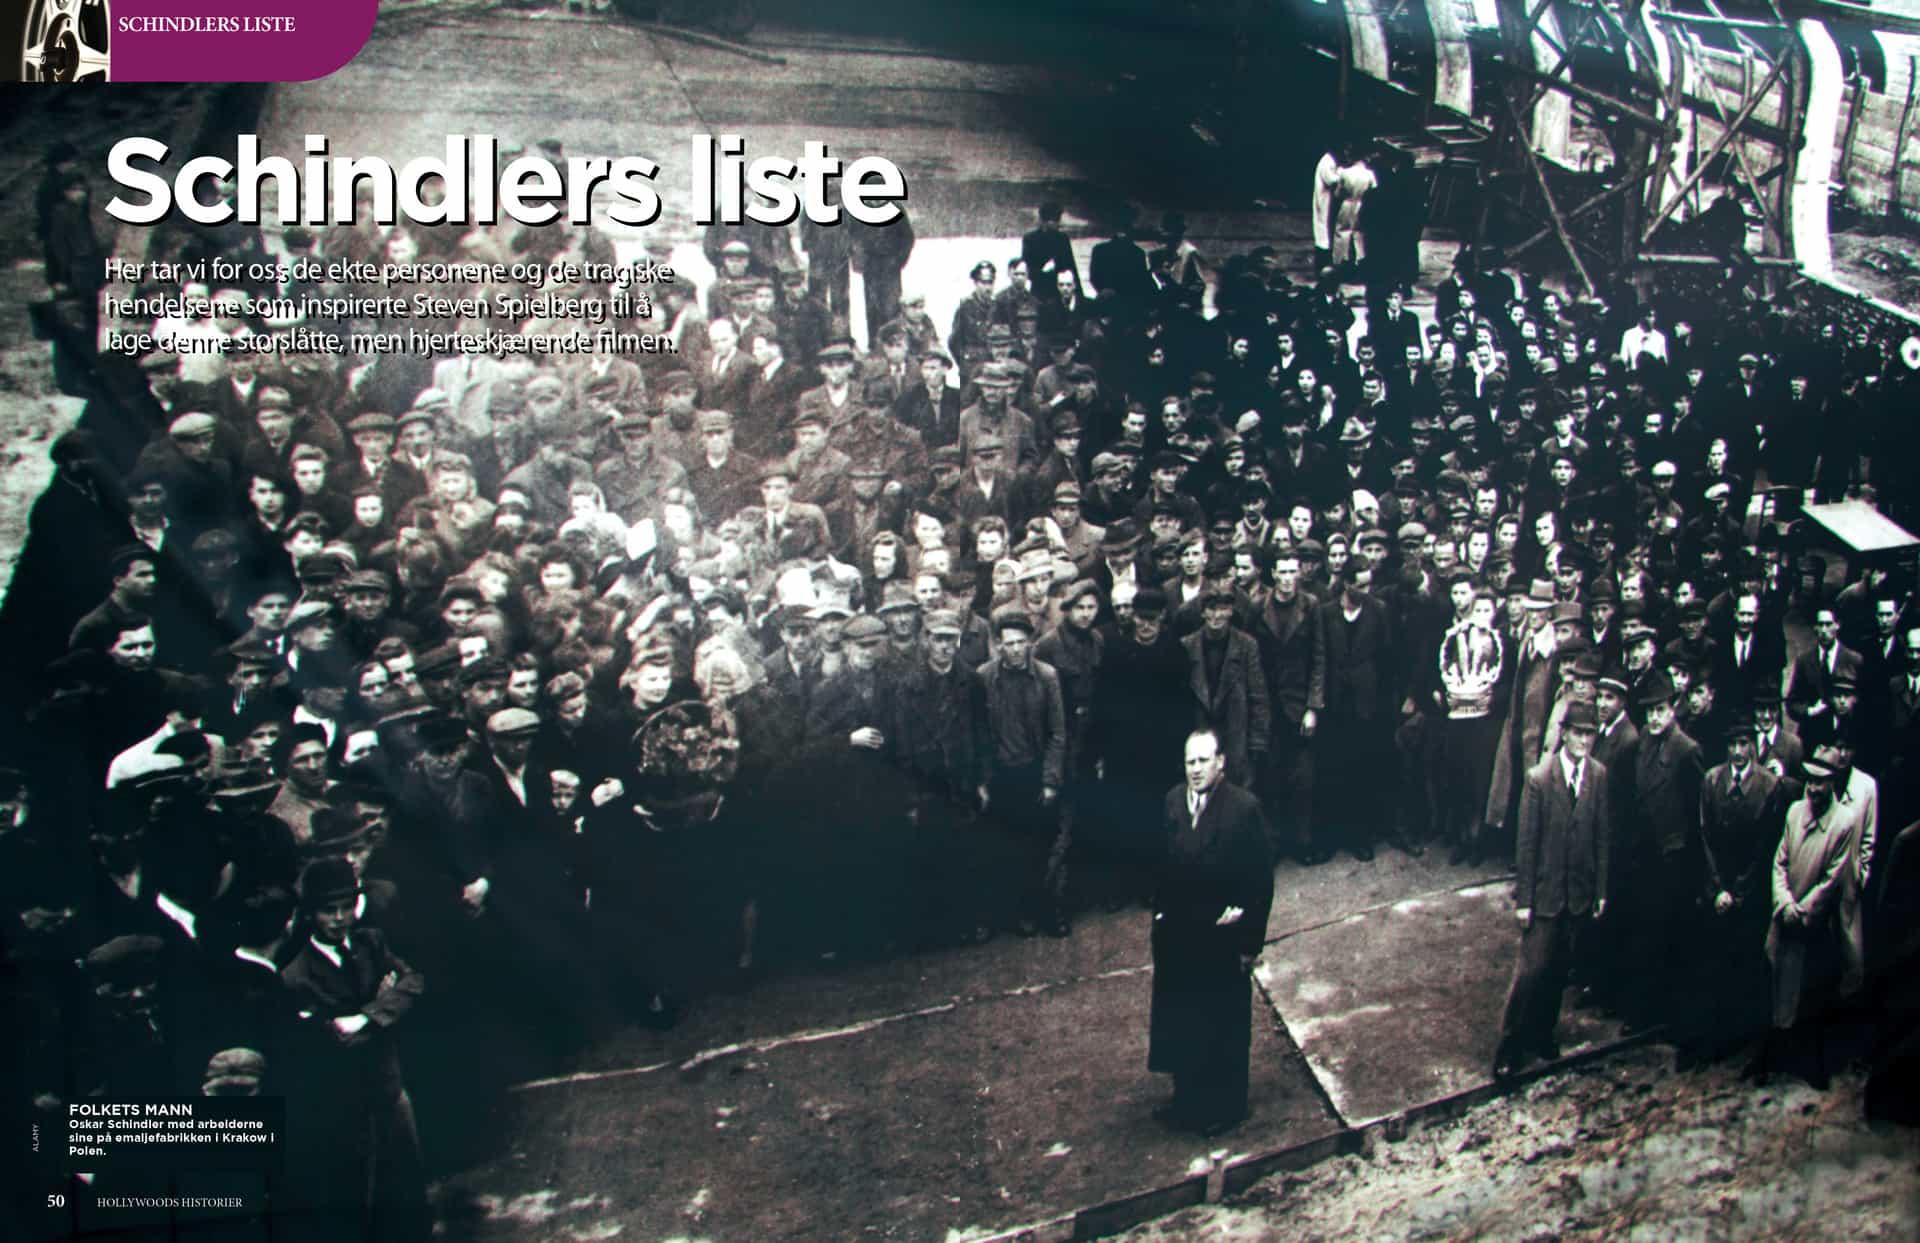 Schindlers liste, oppslag